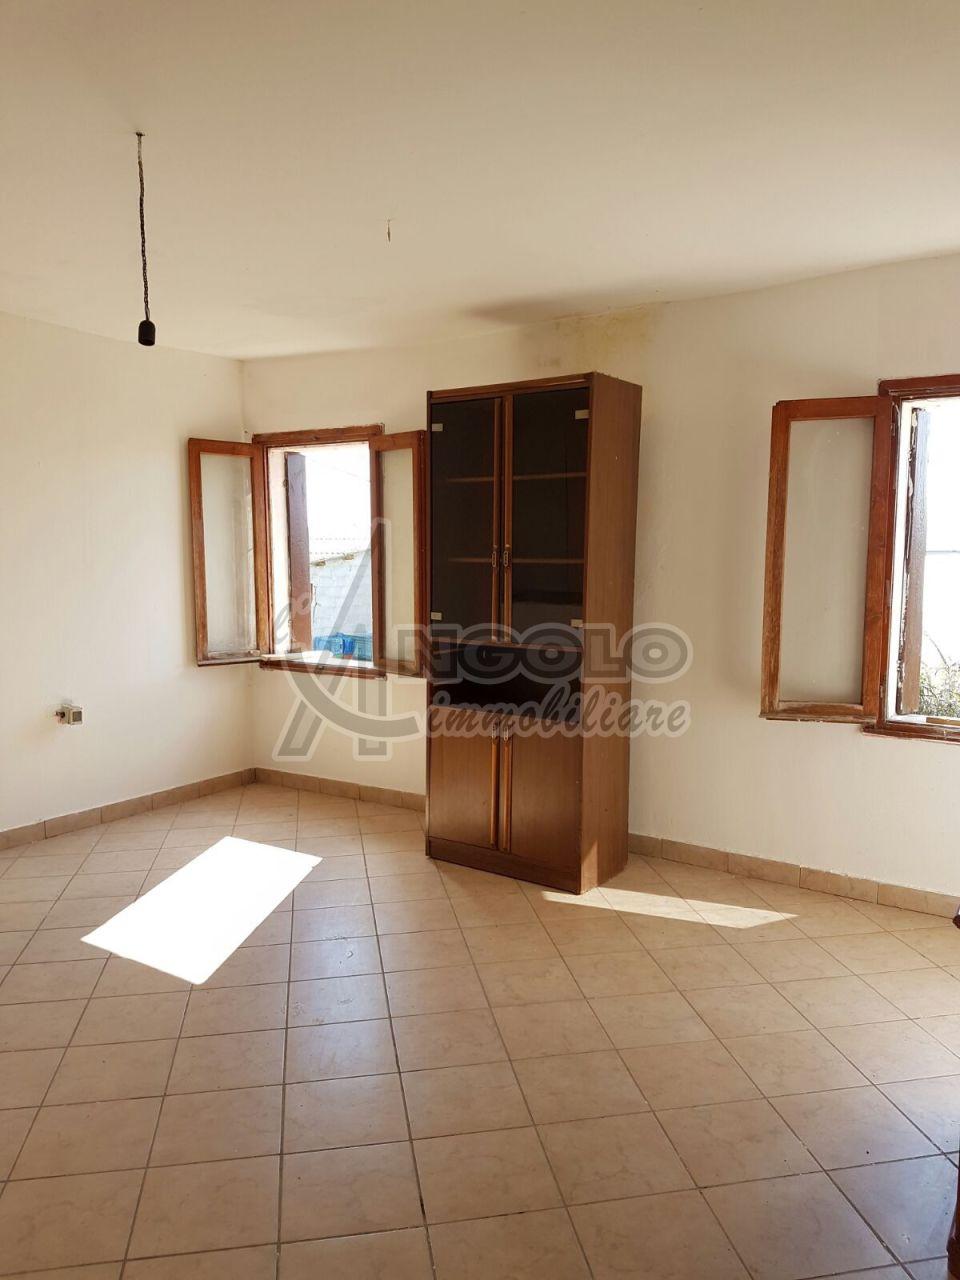 Rustico / Casale in vendita a Lusia, 7 locali, prezzo € 38.000 | Cambio Casa.it